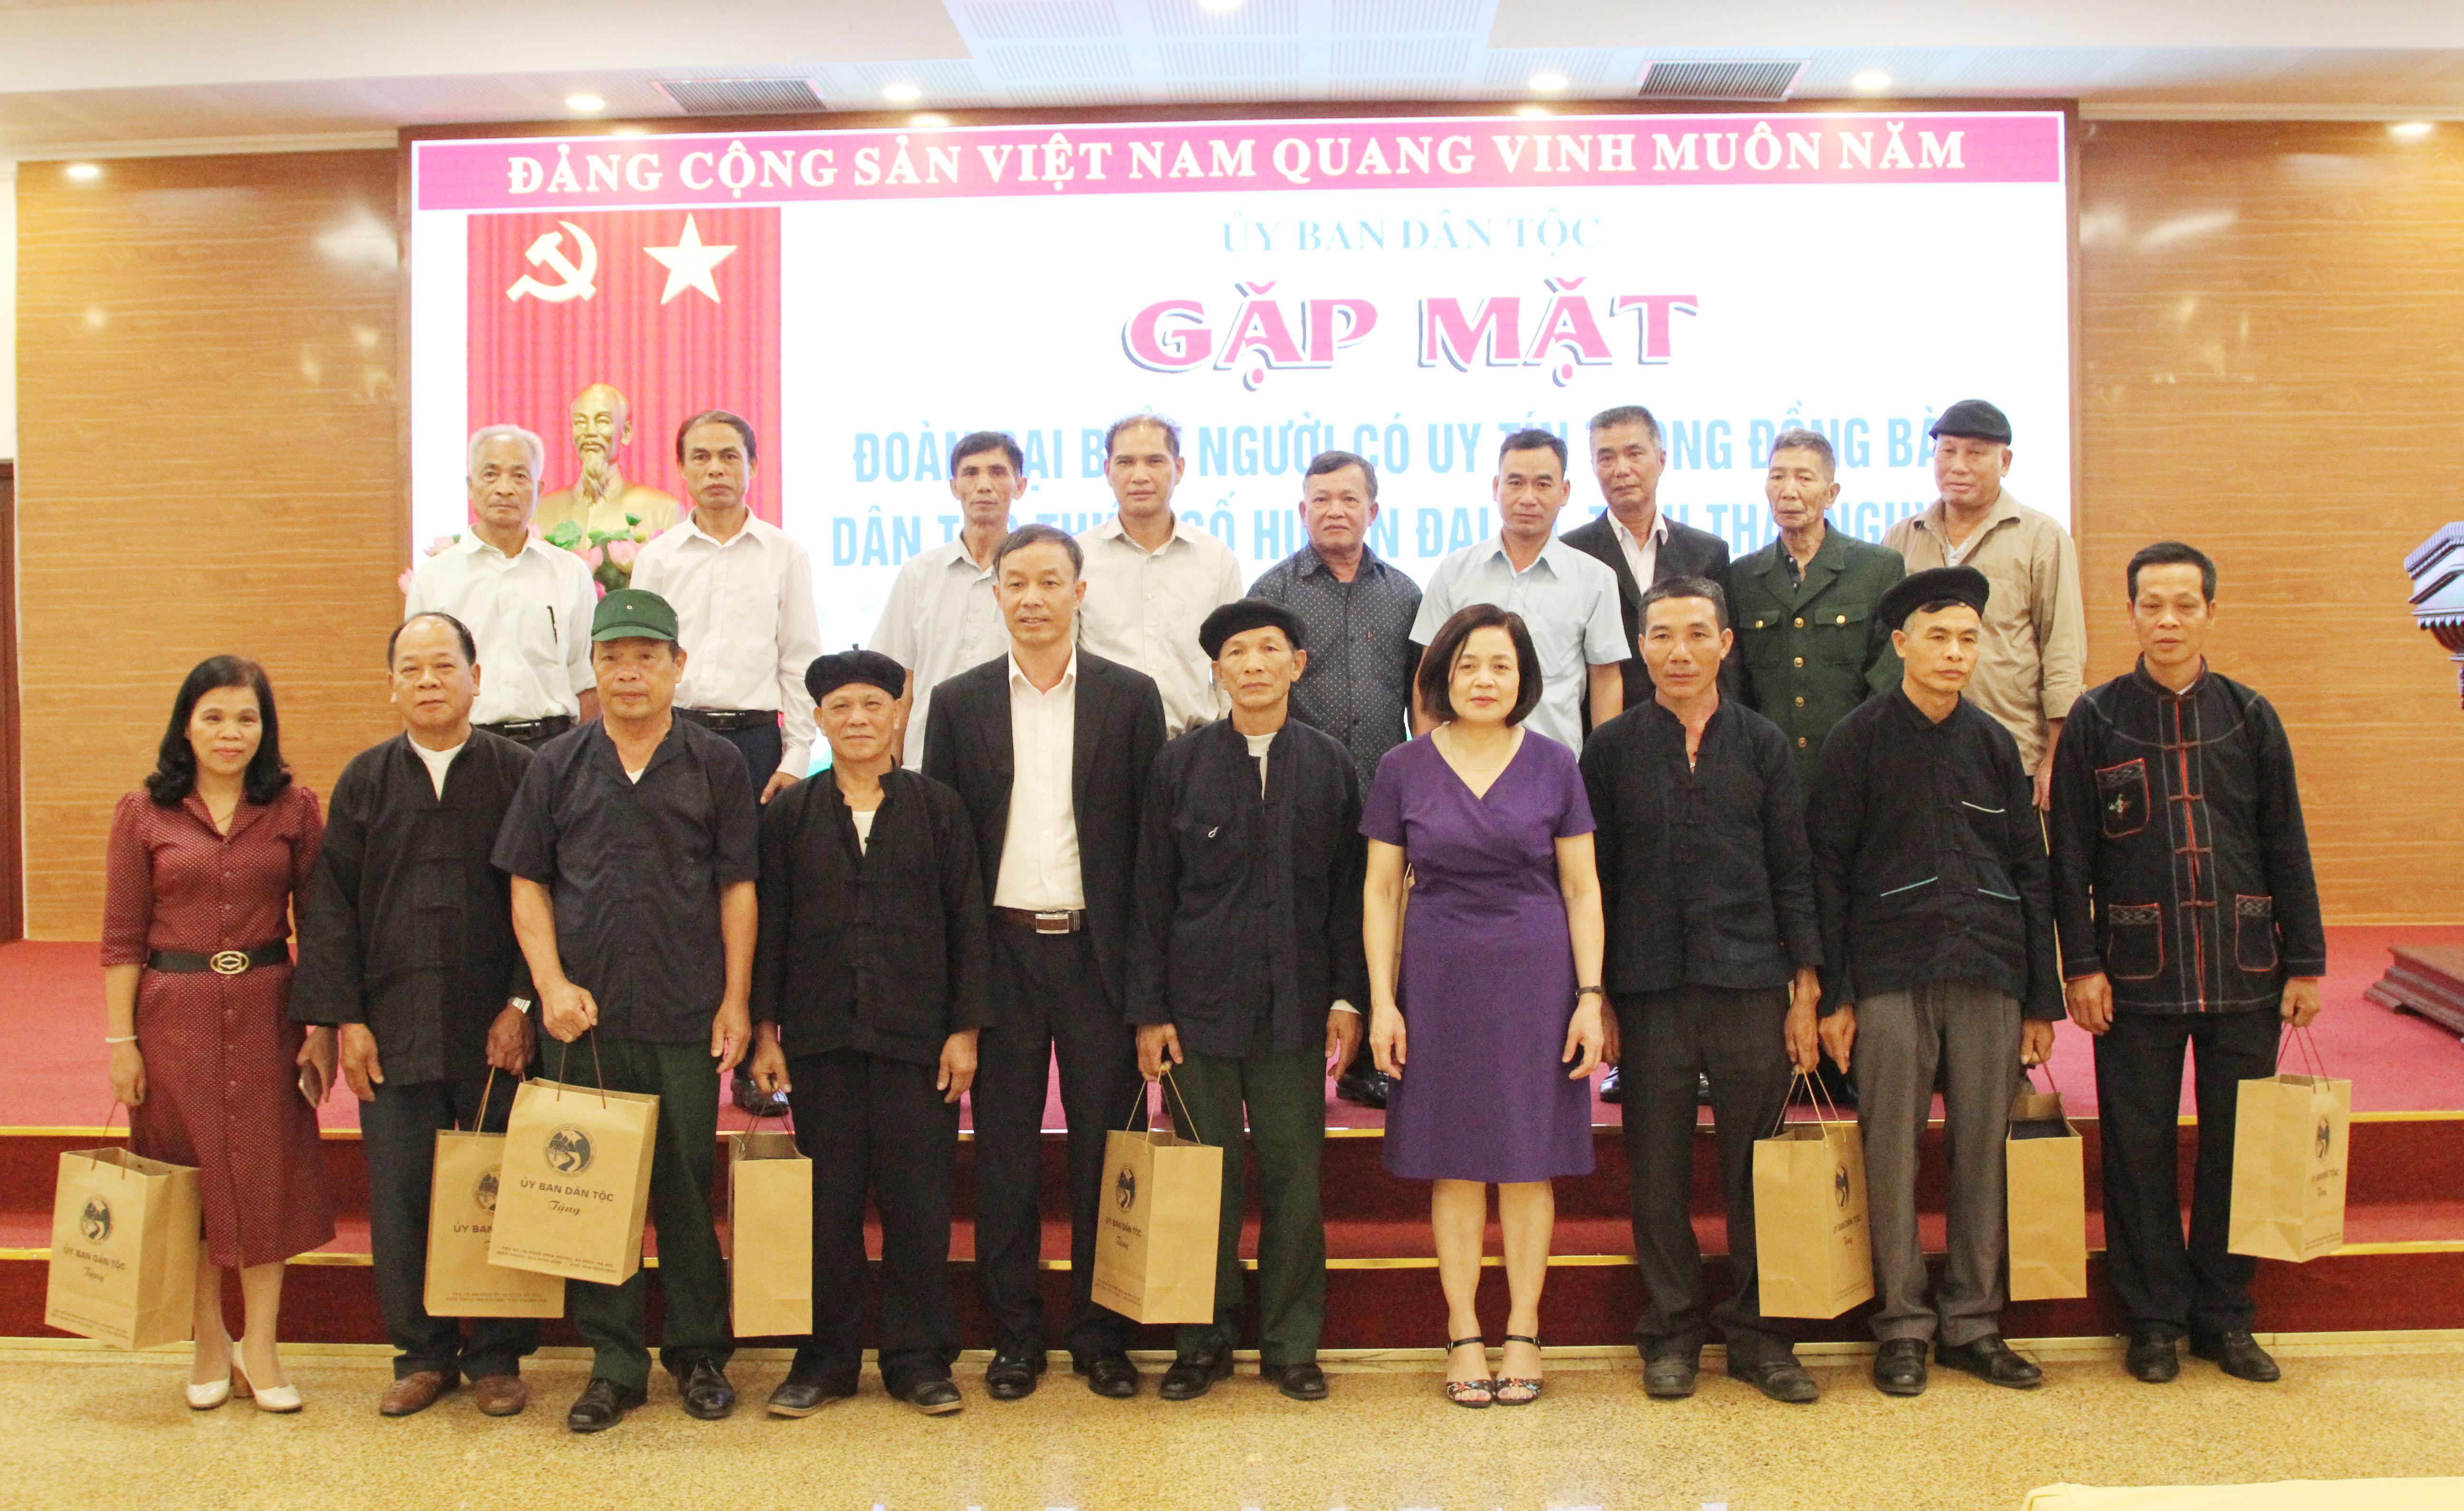 Bà Nguyễn Thị Tư, Vụ trưởng Vụ DTTS chụp ảnh lưu niệm cùng đoàn đại biểu